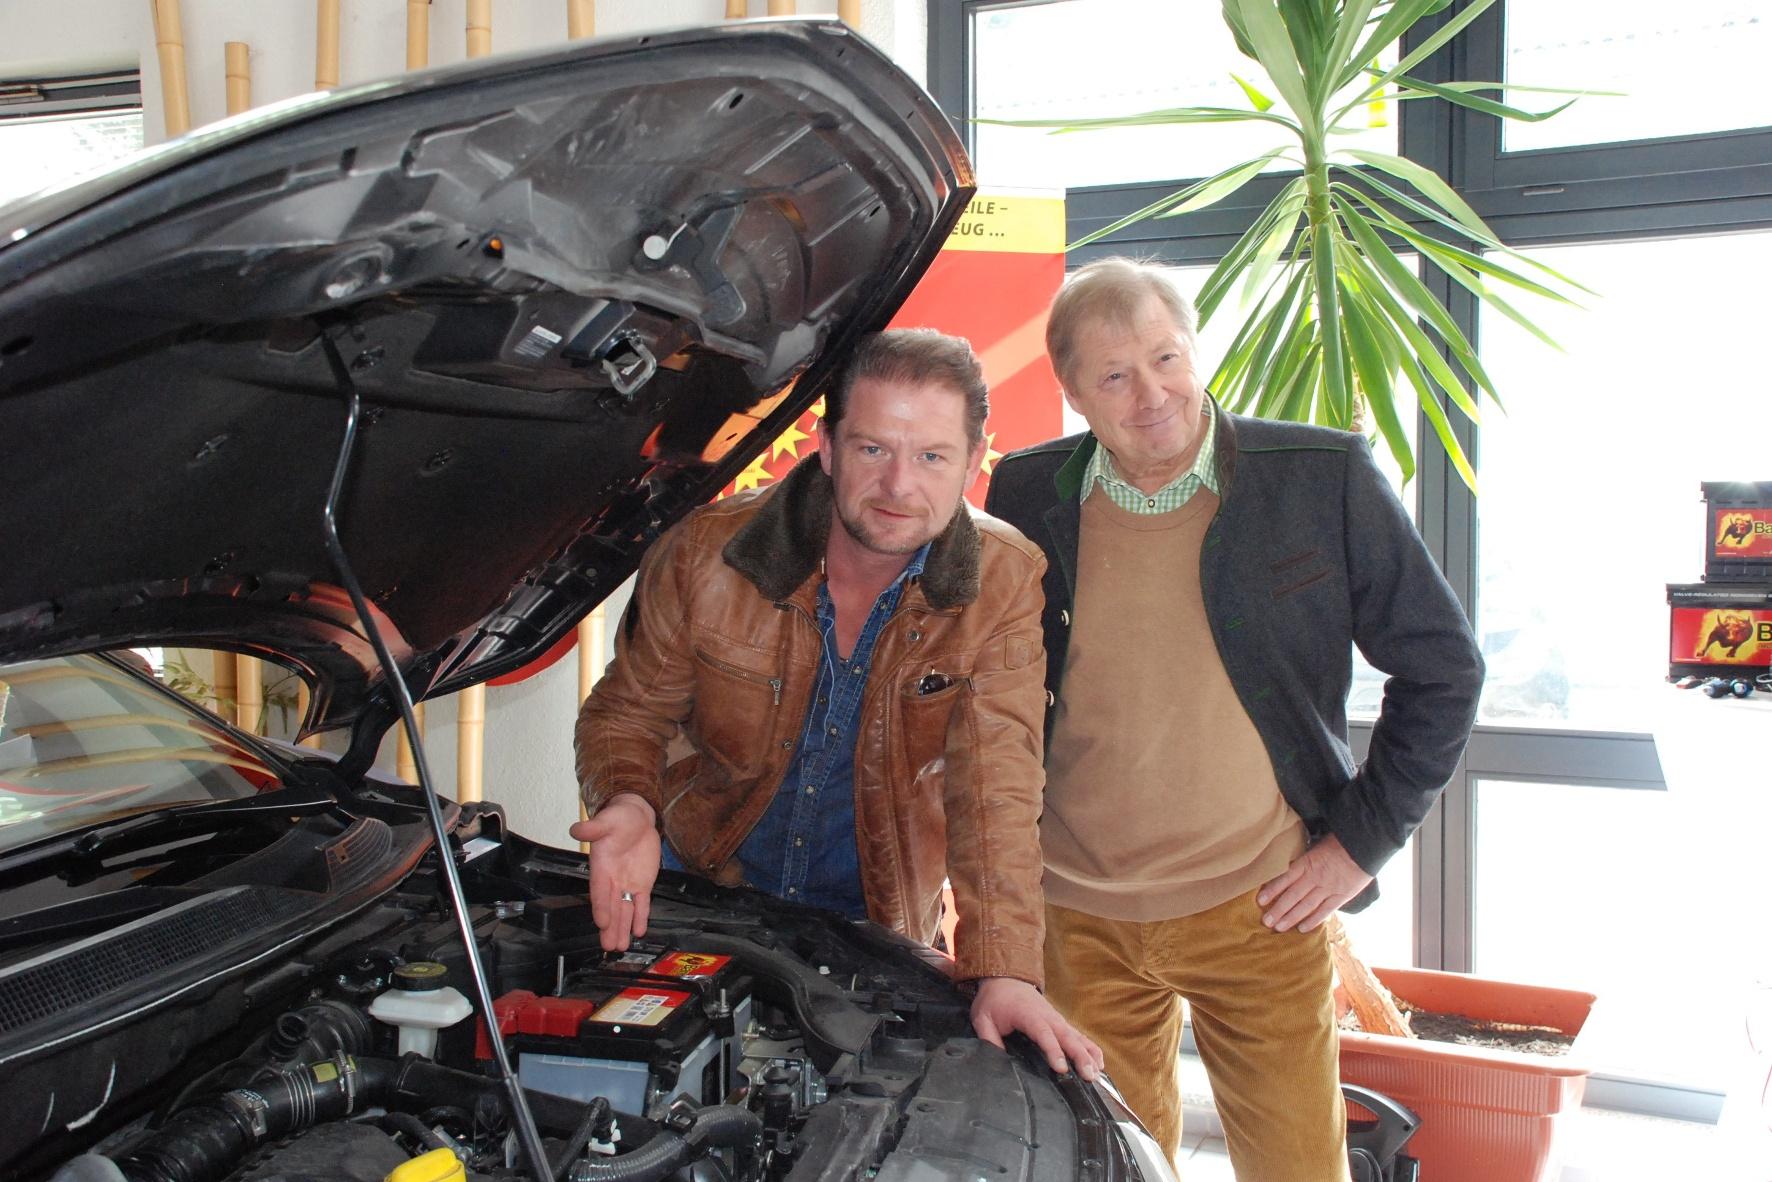 Batterie: Wenn das Auto bei Stromunterbrechung Teile seines Gedächtnisses verliert